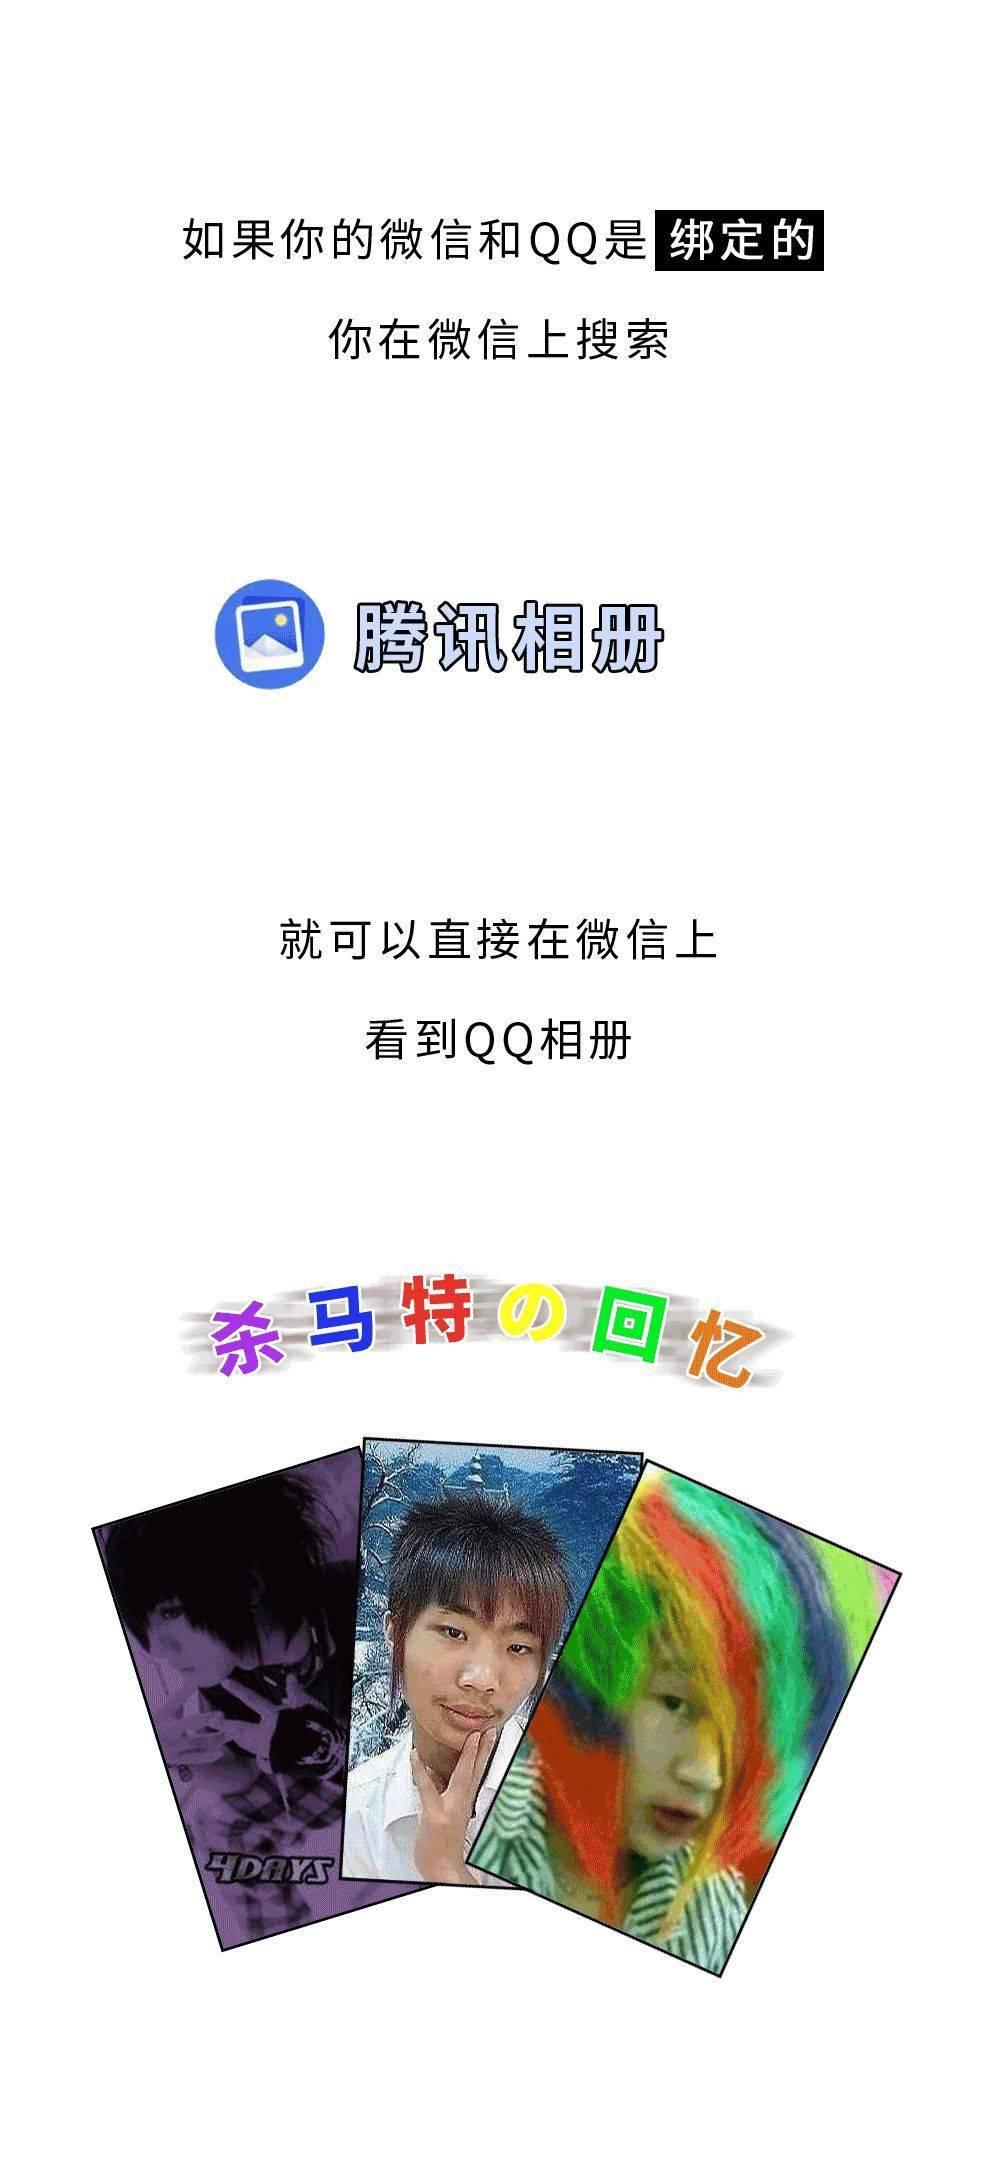 拉菲8登录注册-首页【1.1.6】